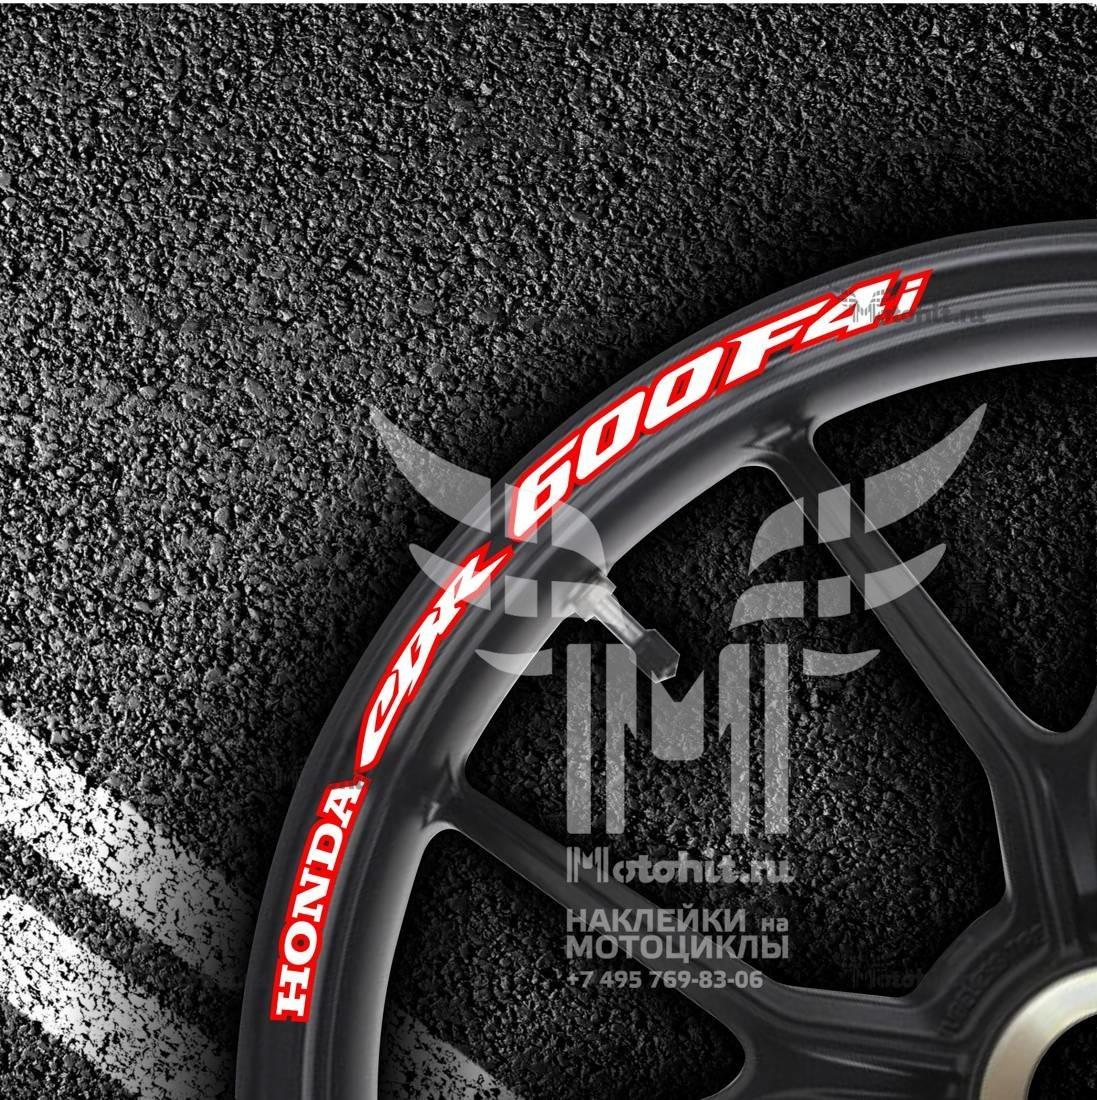 Комплект наклеек на обод колеса мотоцикла HONDA CBR-600-F4i